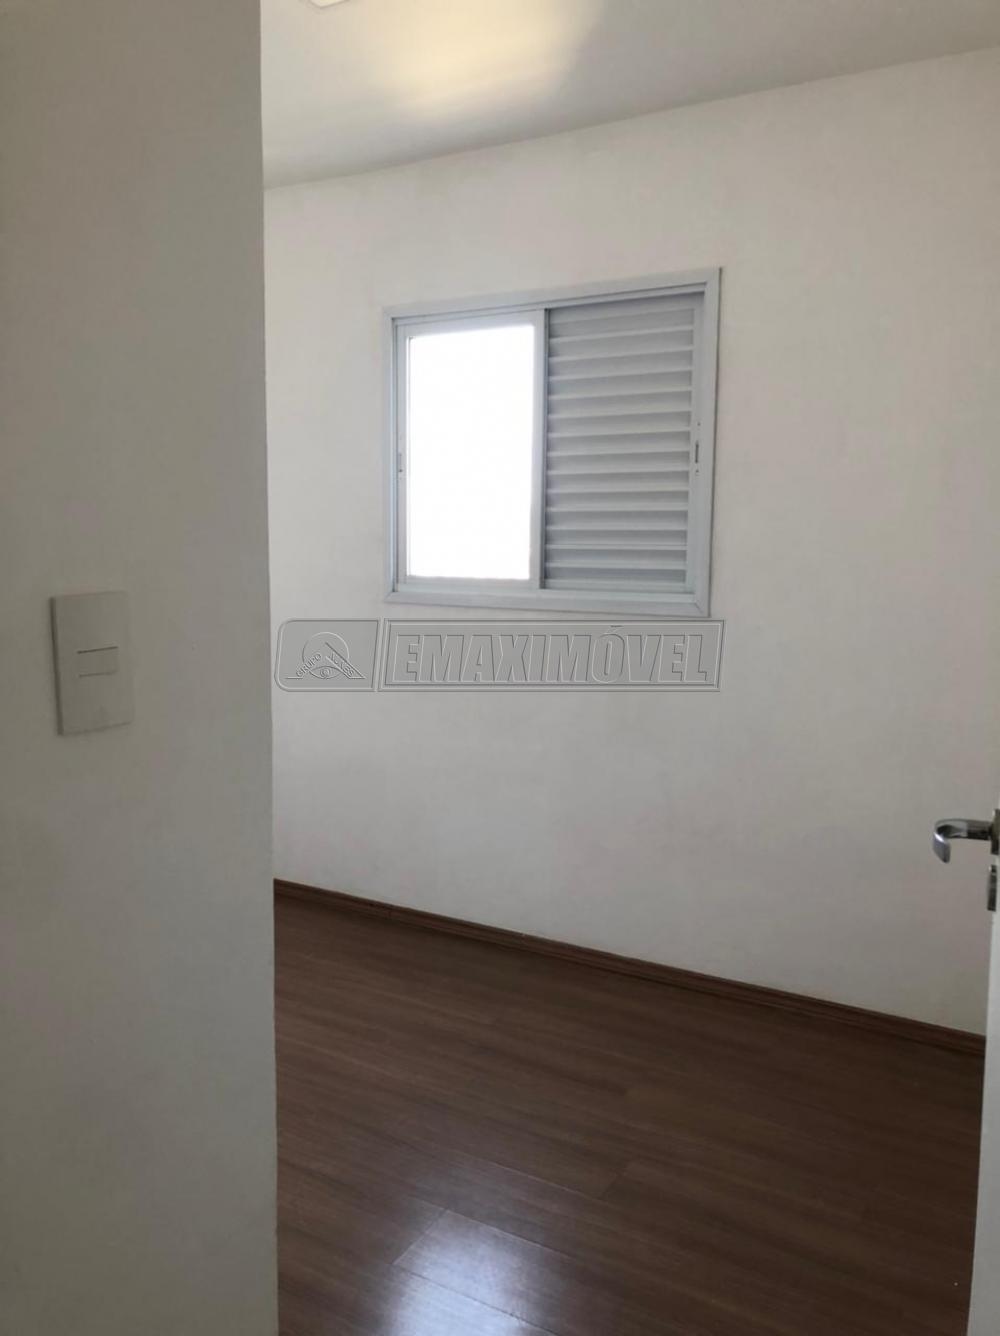 Comprar Apartamento / Padrão em Votorantim R$ 360.000,00 - Foto 7